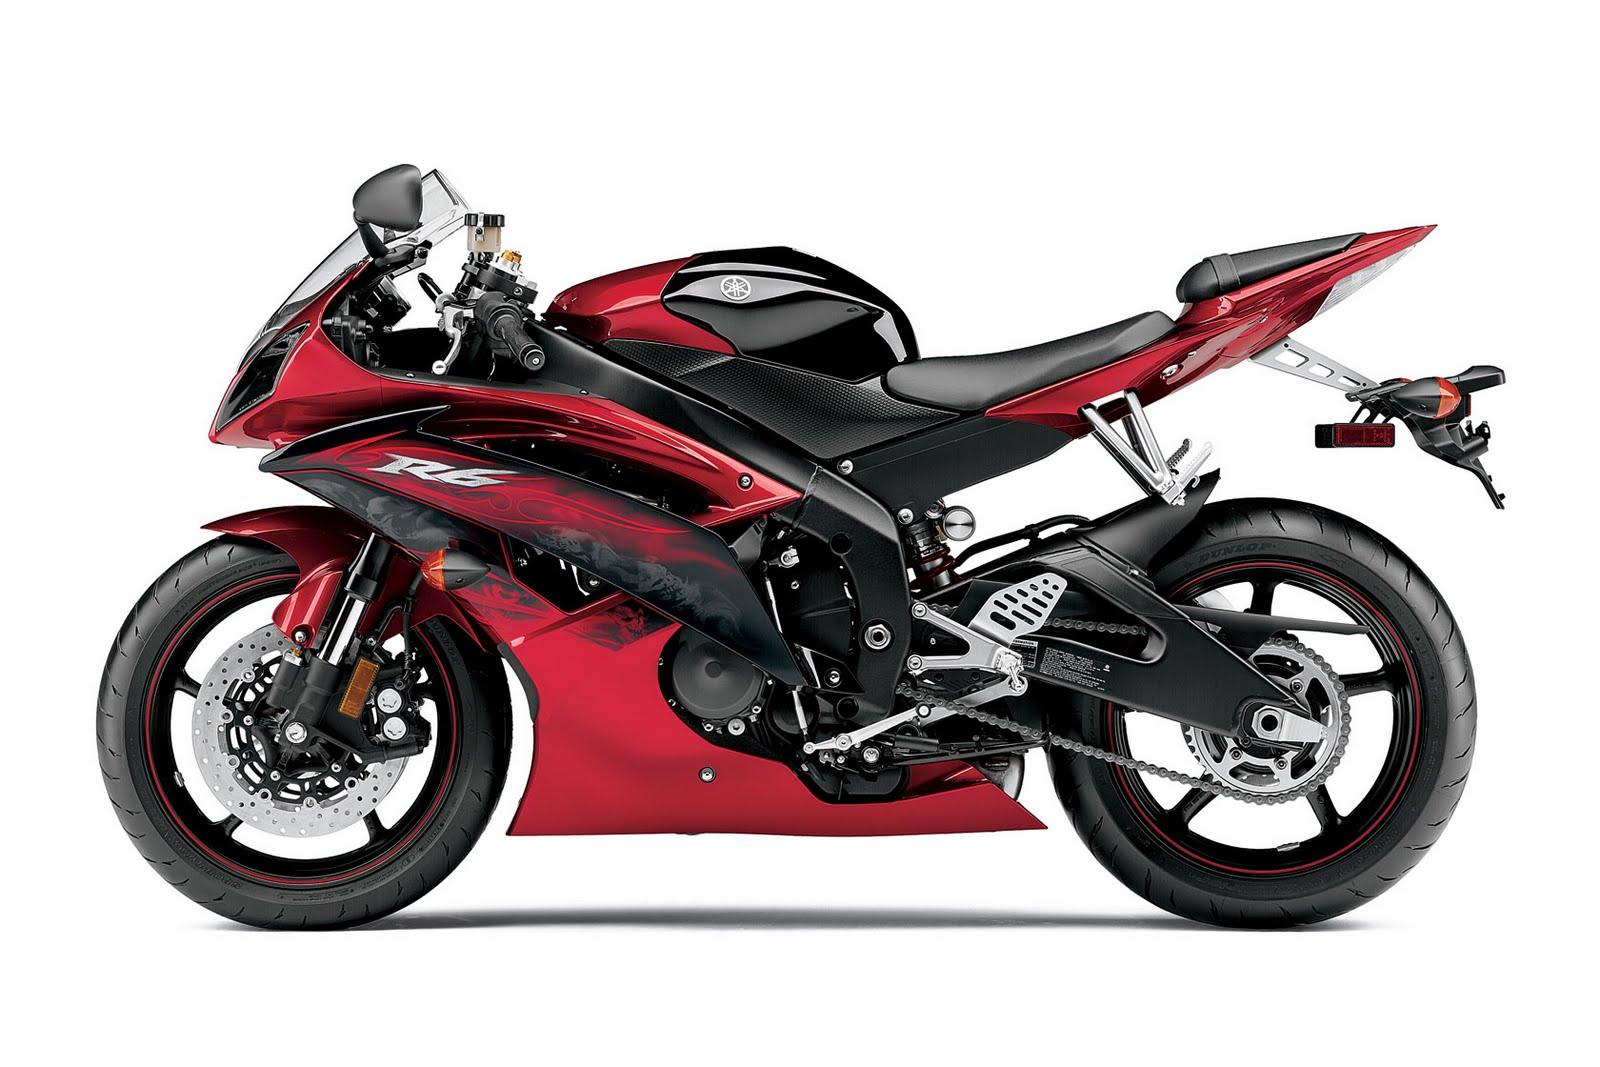 a yzf r6 da yamaha uma moto turbinada top motos. Black Bedroom Furniture Sets. Home Design Ideas